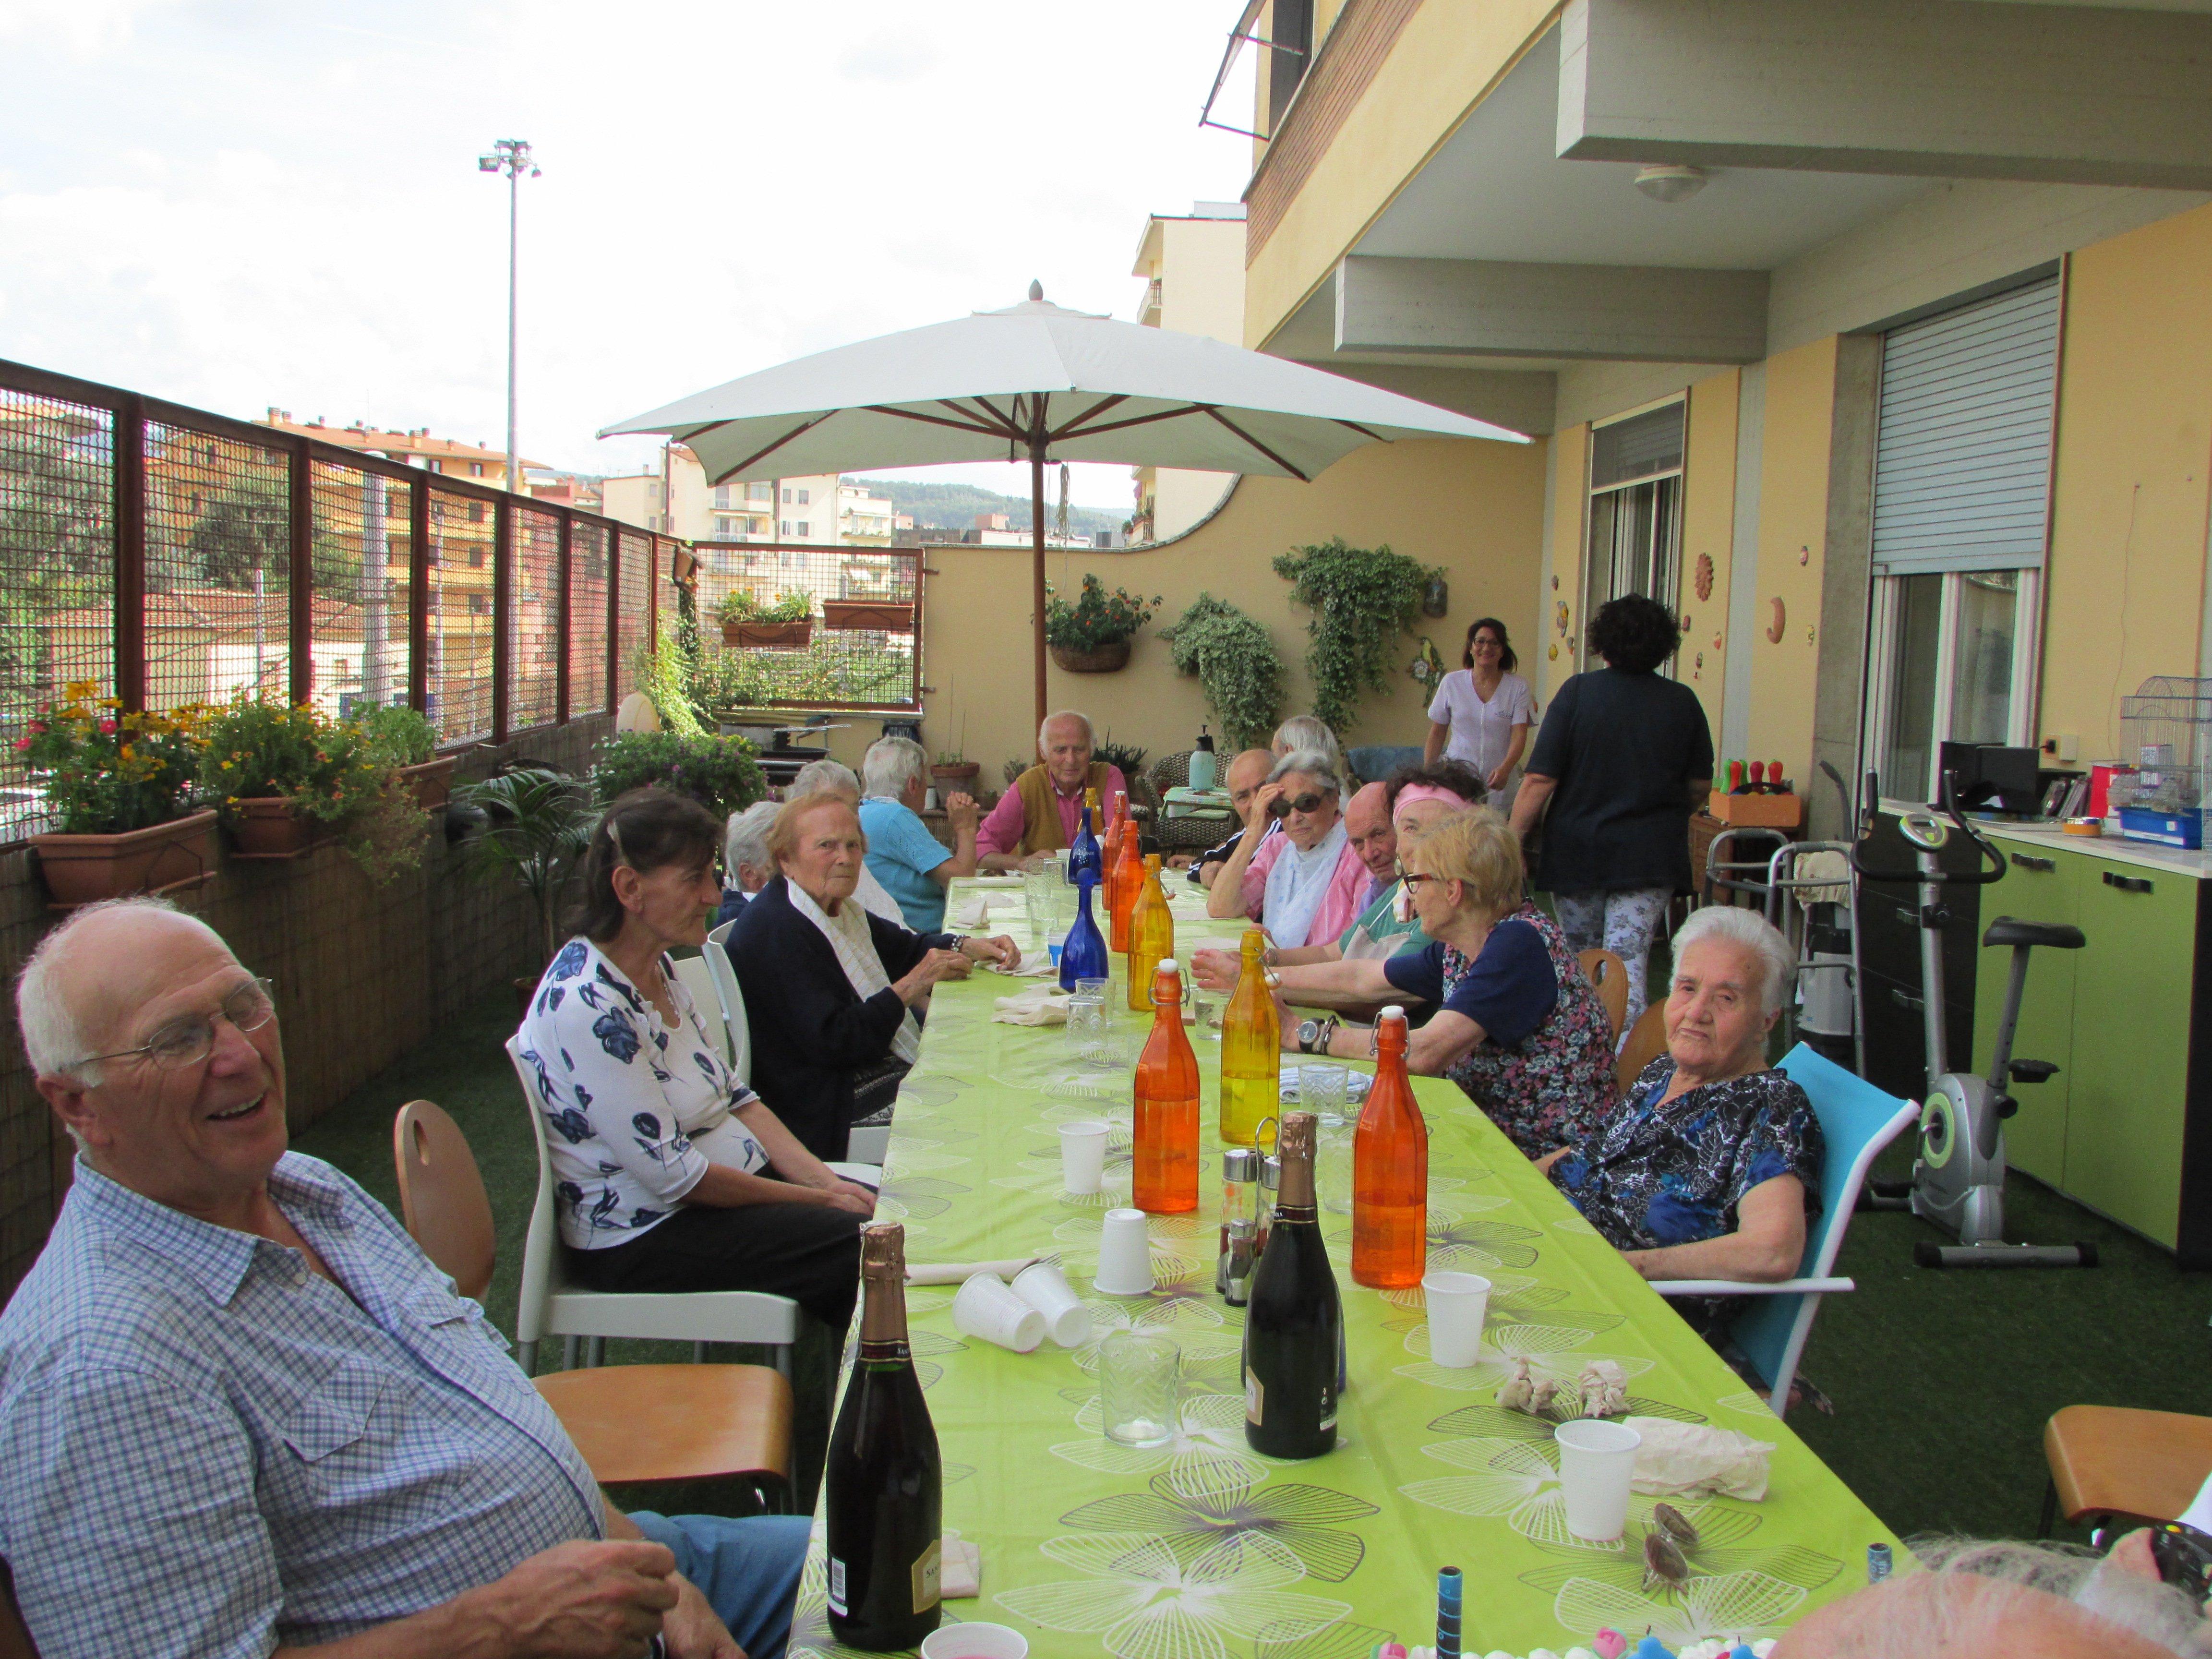 pranzo all'aperto sul terrazzo